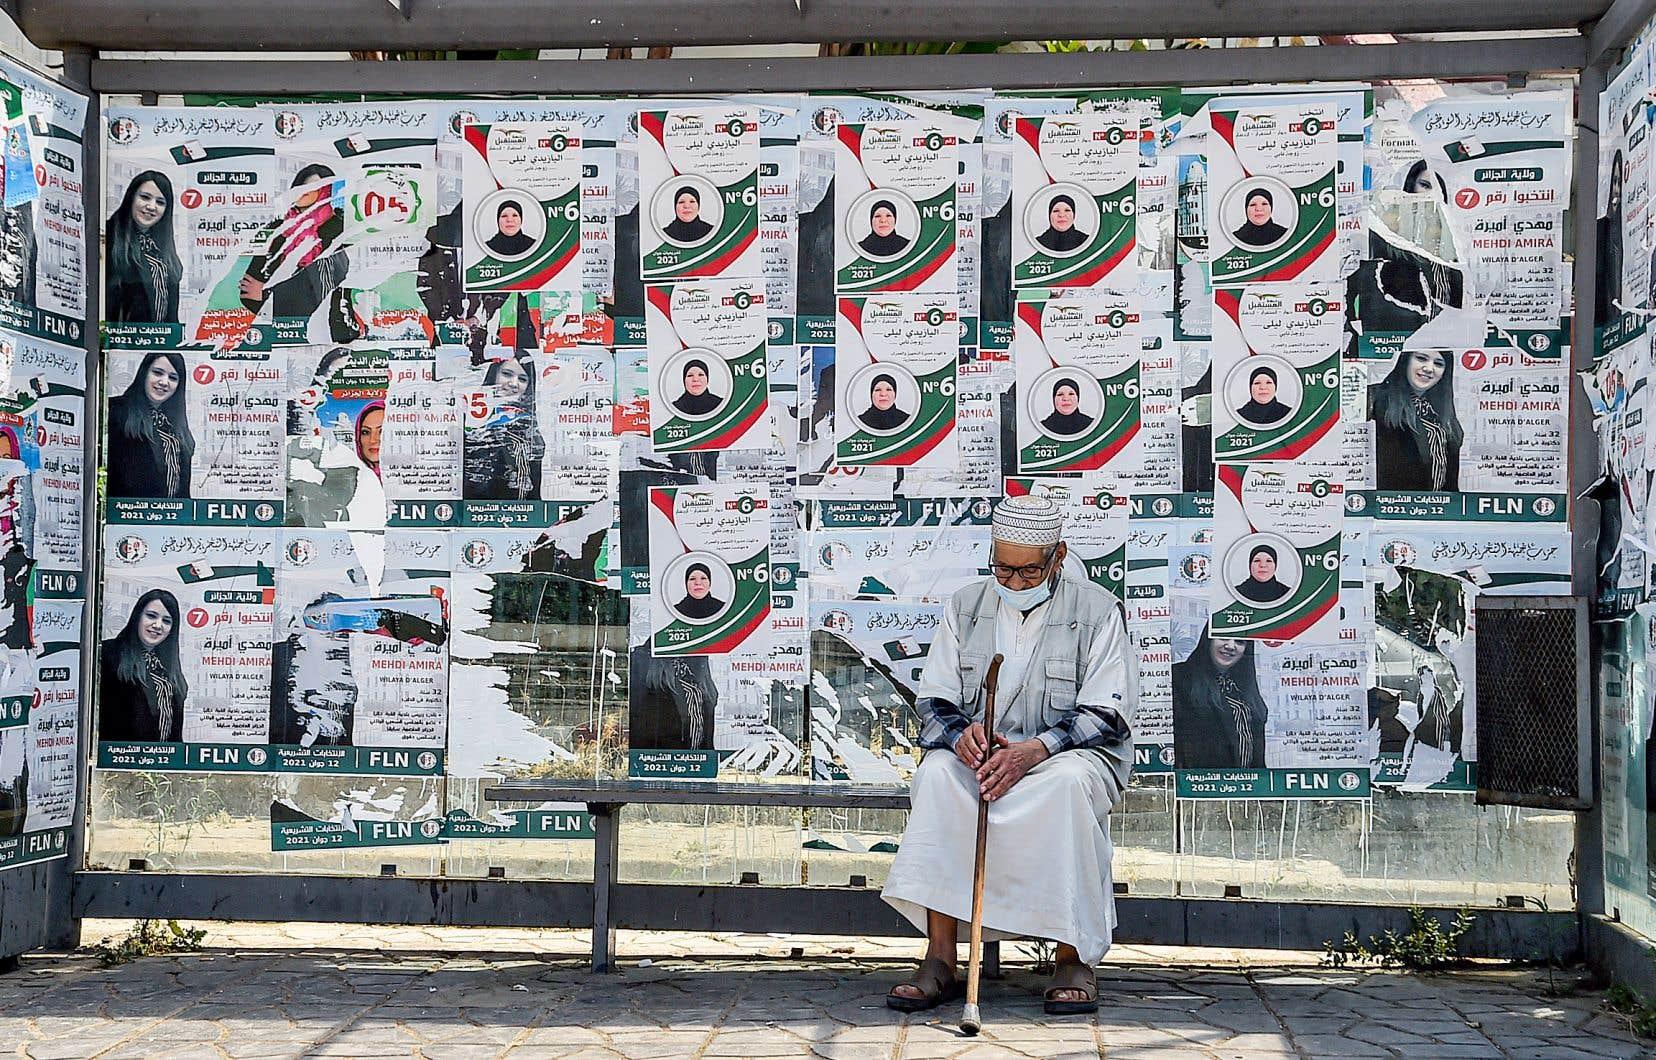 Quelque 24 millions d'Algériens étaient appelés à élire les 407 députés de l'Assemblée populaire nationale pour cinq ans. Ils devaient choisir parmi 2288 listes, dont plus de 1200 s'affichent comme «indépendantes».